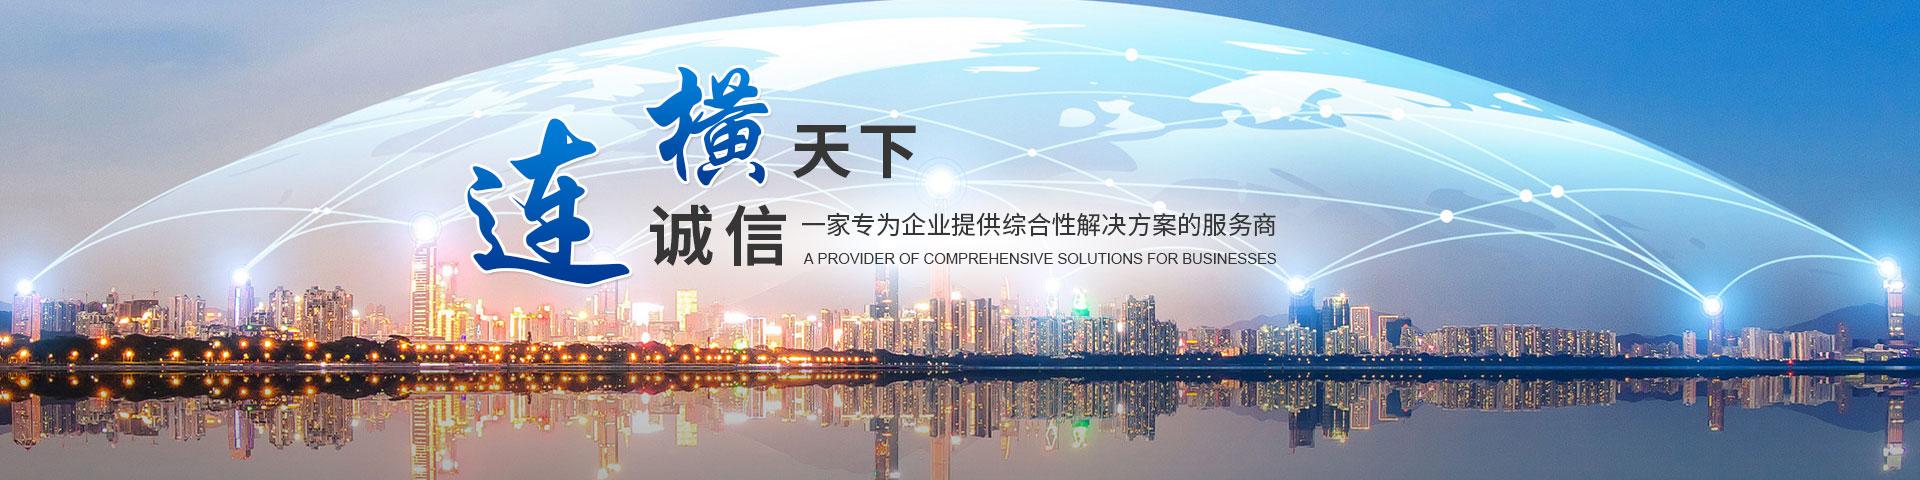 深圳市连横天下企业管理咨询有限公司